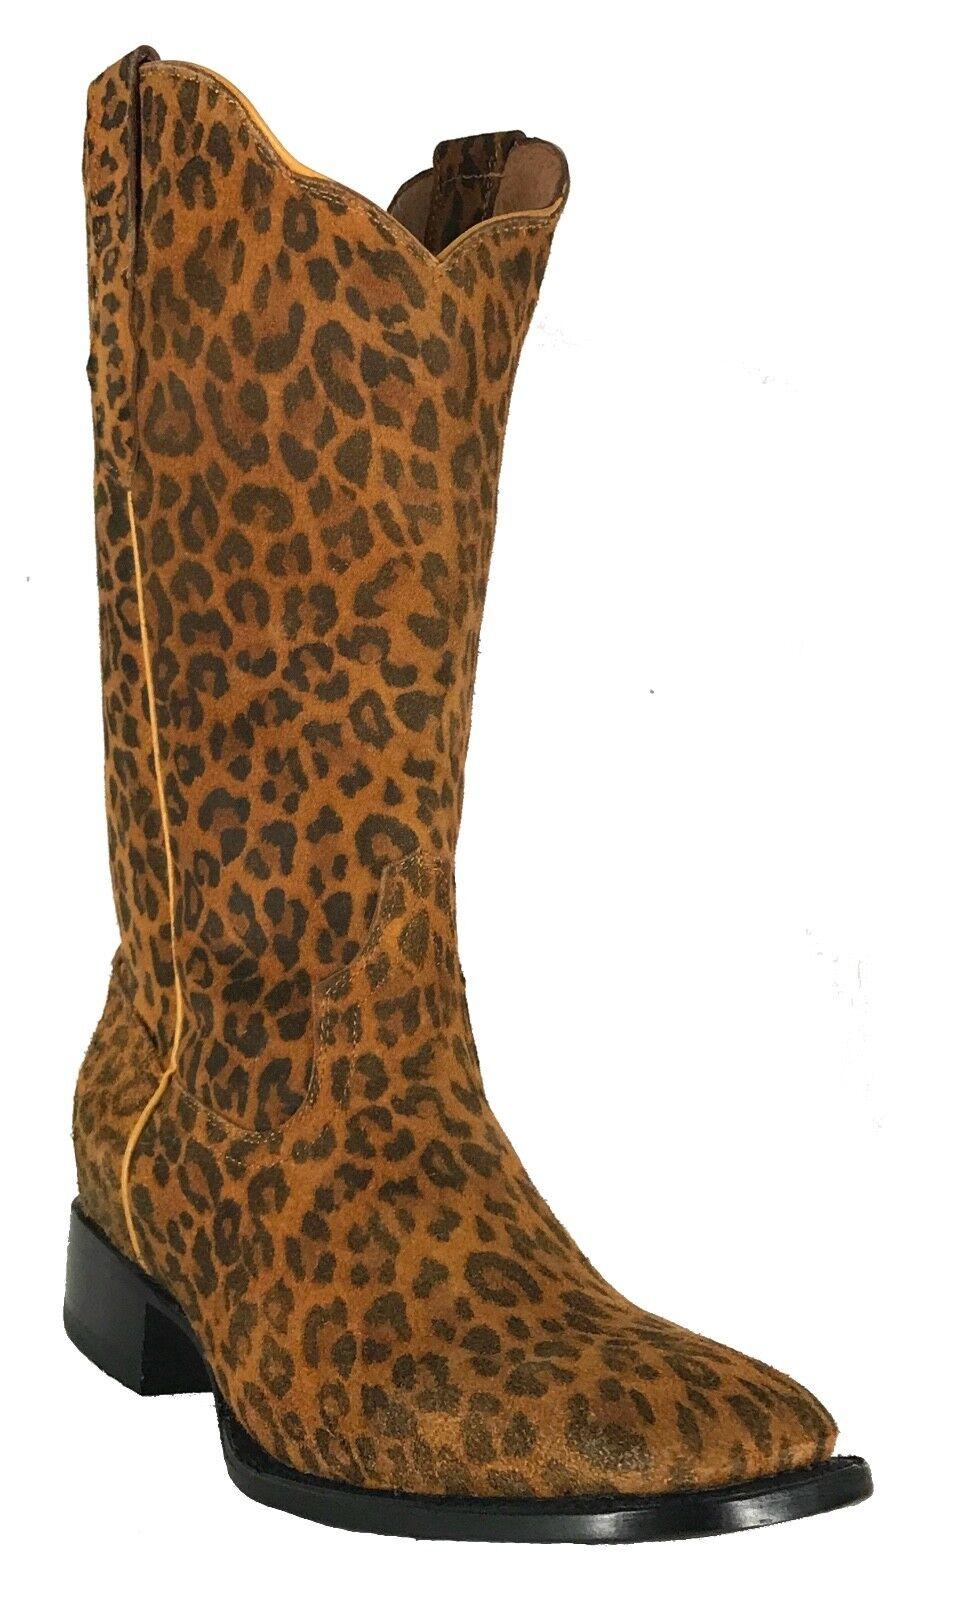 deportes calientes Para mujeres nuevo nuevo nuevo diseño de leopardo cuero Vaquera Occidental botas Coñac Cuadrado Venta  El ultimo 2018